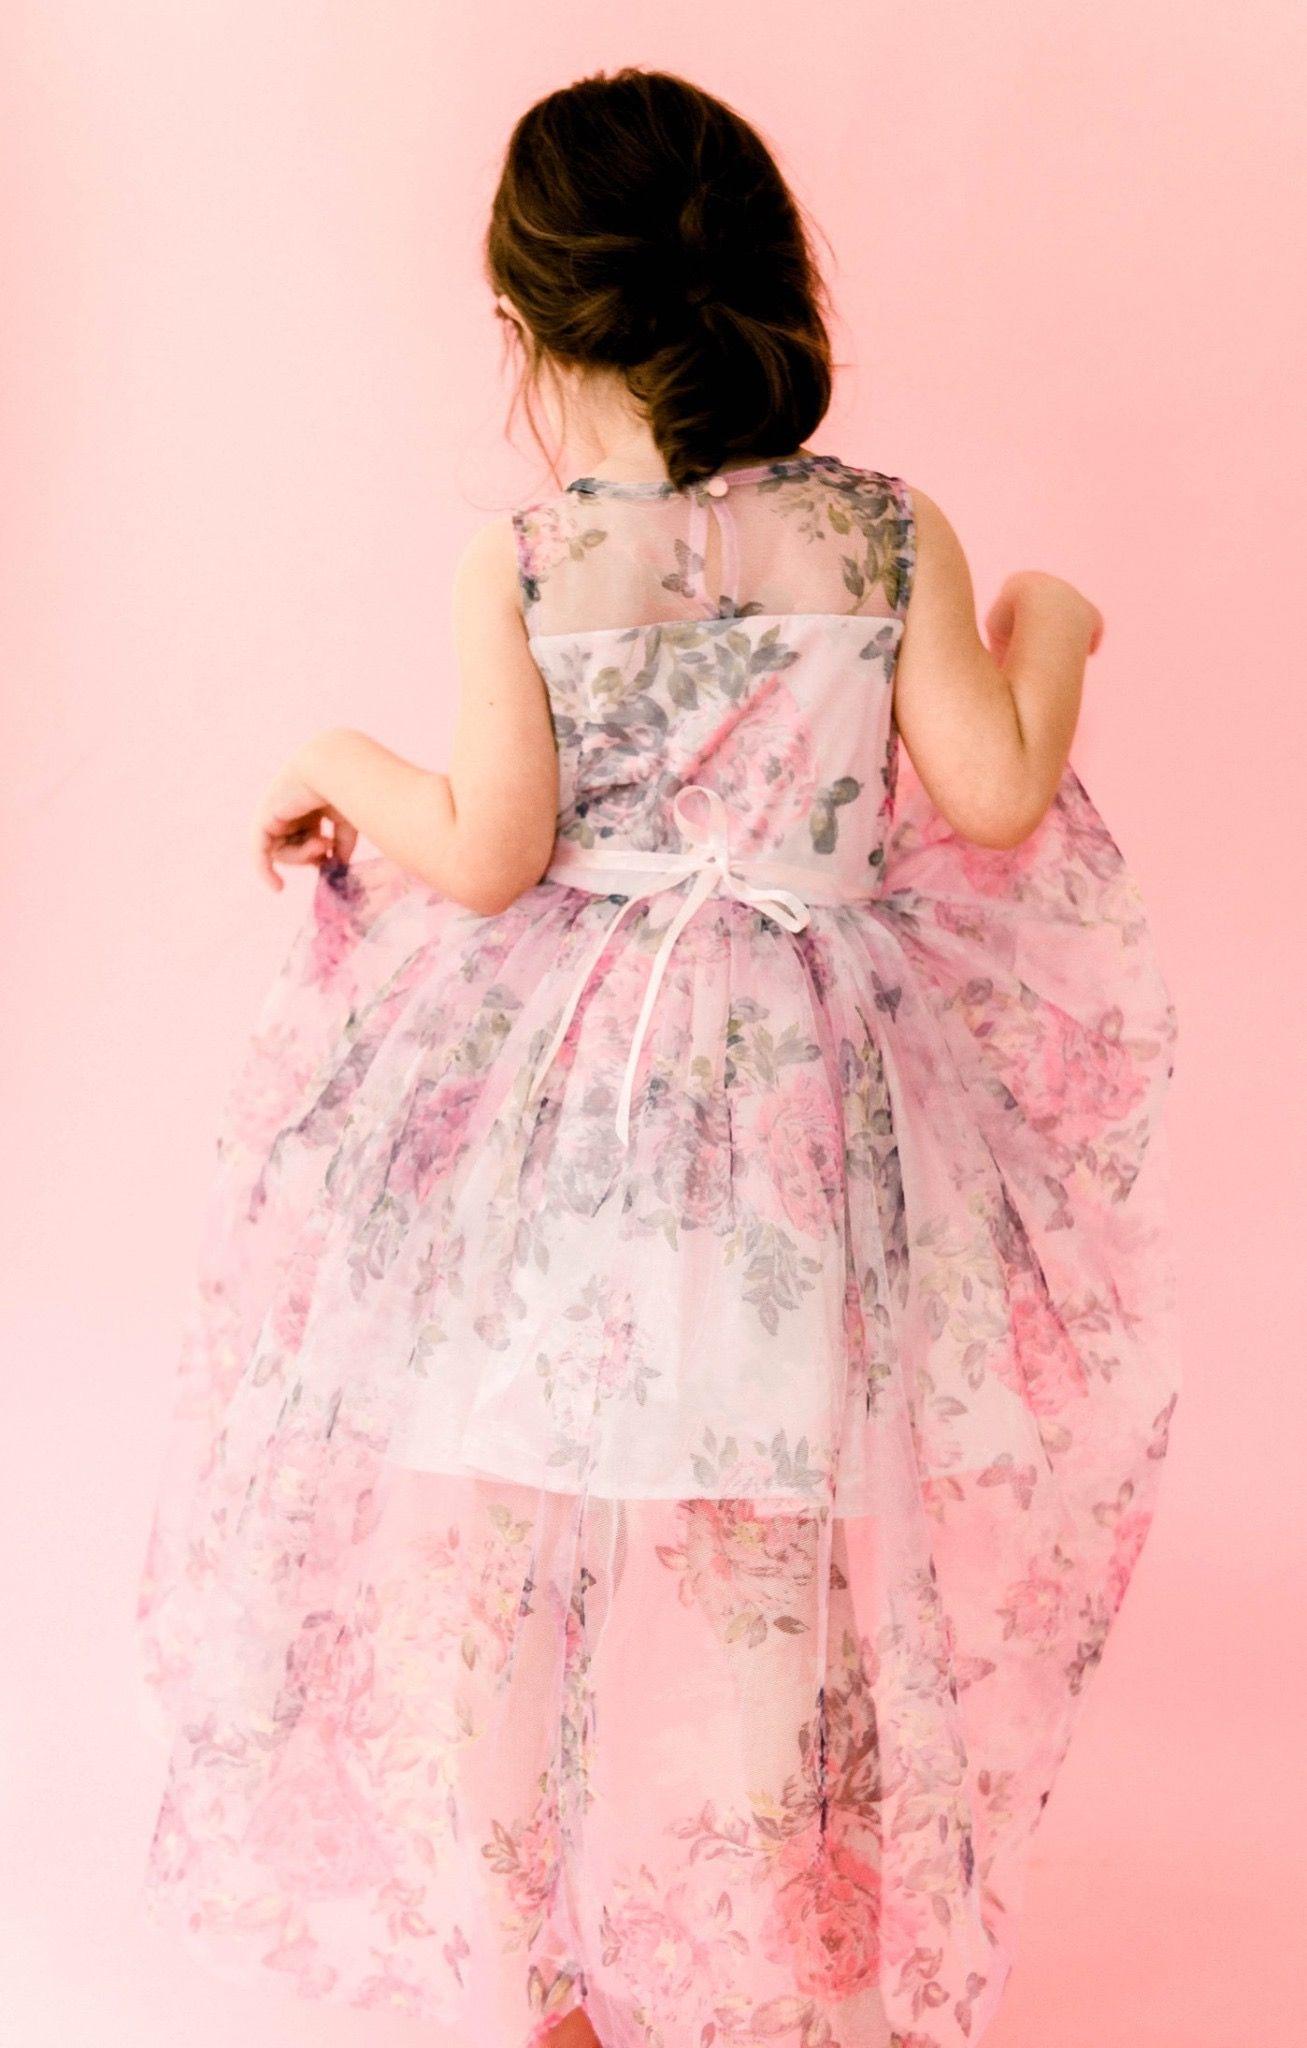 Pink Flower Dress Flower Dresses Target Dress Pink Flower Dress [ 2048 x 1307 Pixel ]